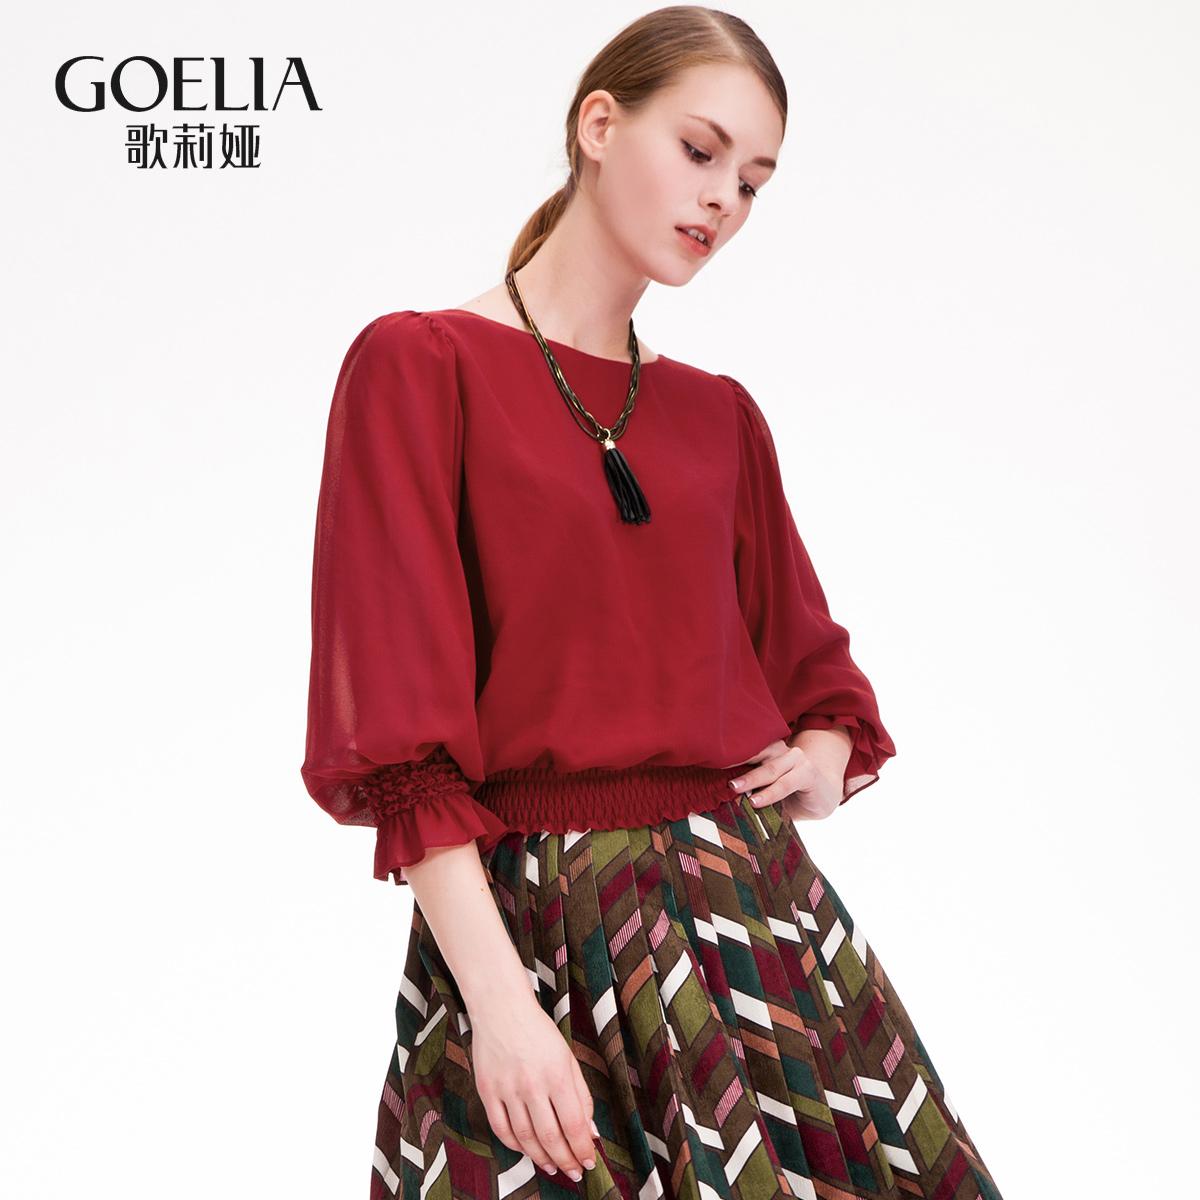 歌莉娅女装 歌莉娅女装  秋季花苞袖收腰雪纺衫衬衫168C3E280_推荐淘宝好看的歌莉娅